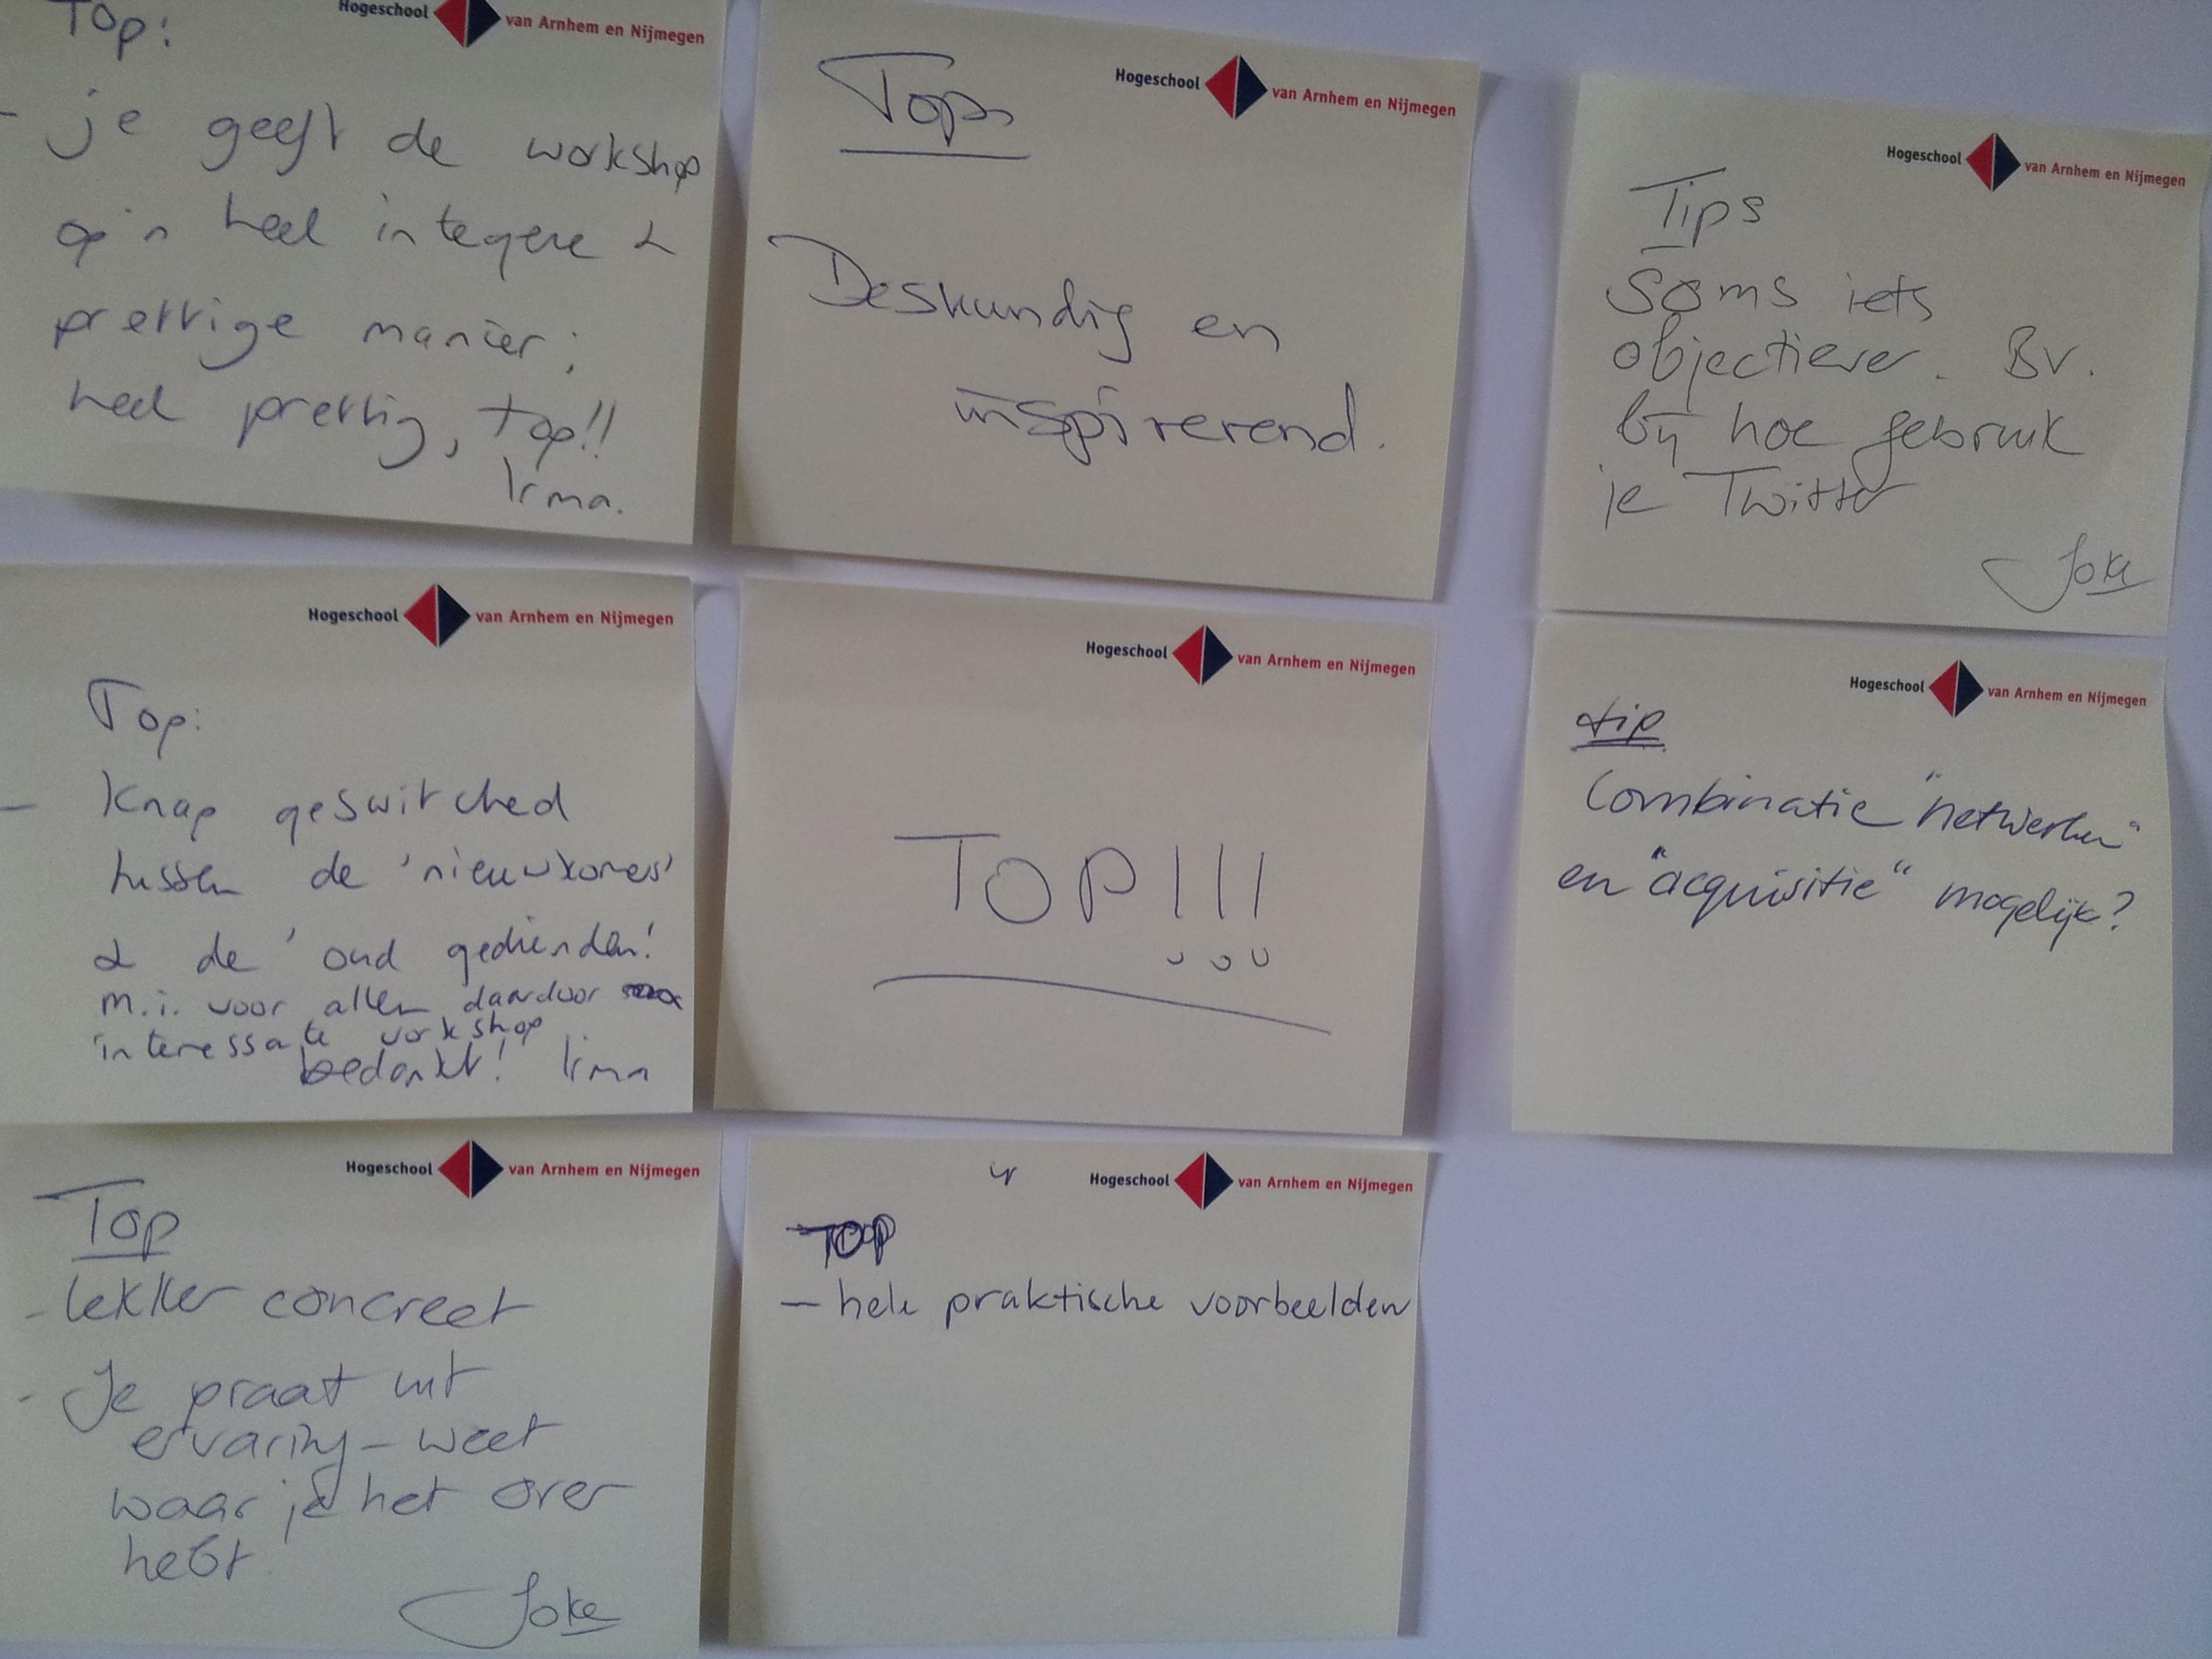 Netwerken en Acquisitie FNV Zelfstandigen workshop